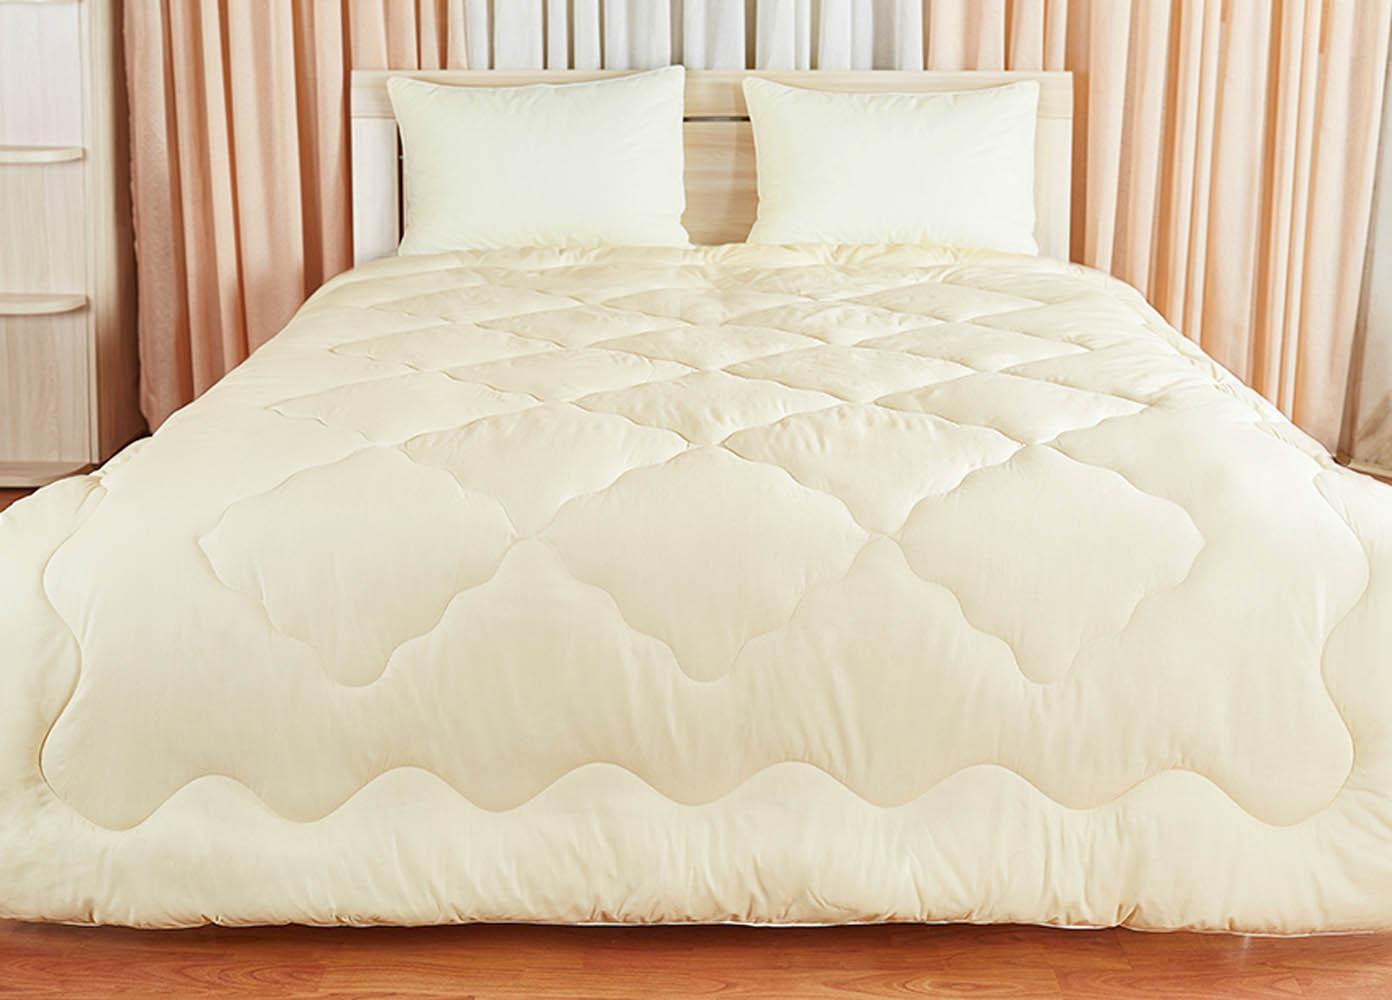 Купить Одеяла Primavelle, Одеяло Лежебока Цвет: Кремовый (200х220 см), Россия, Хлопковый сатин